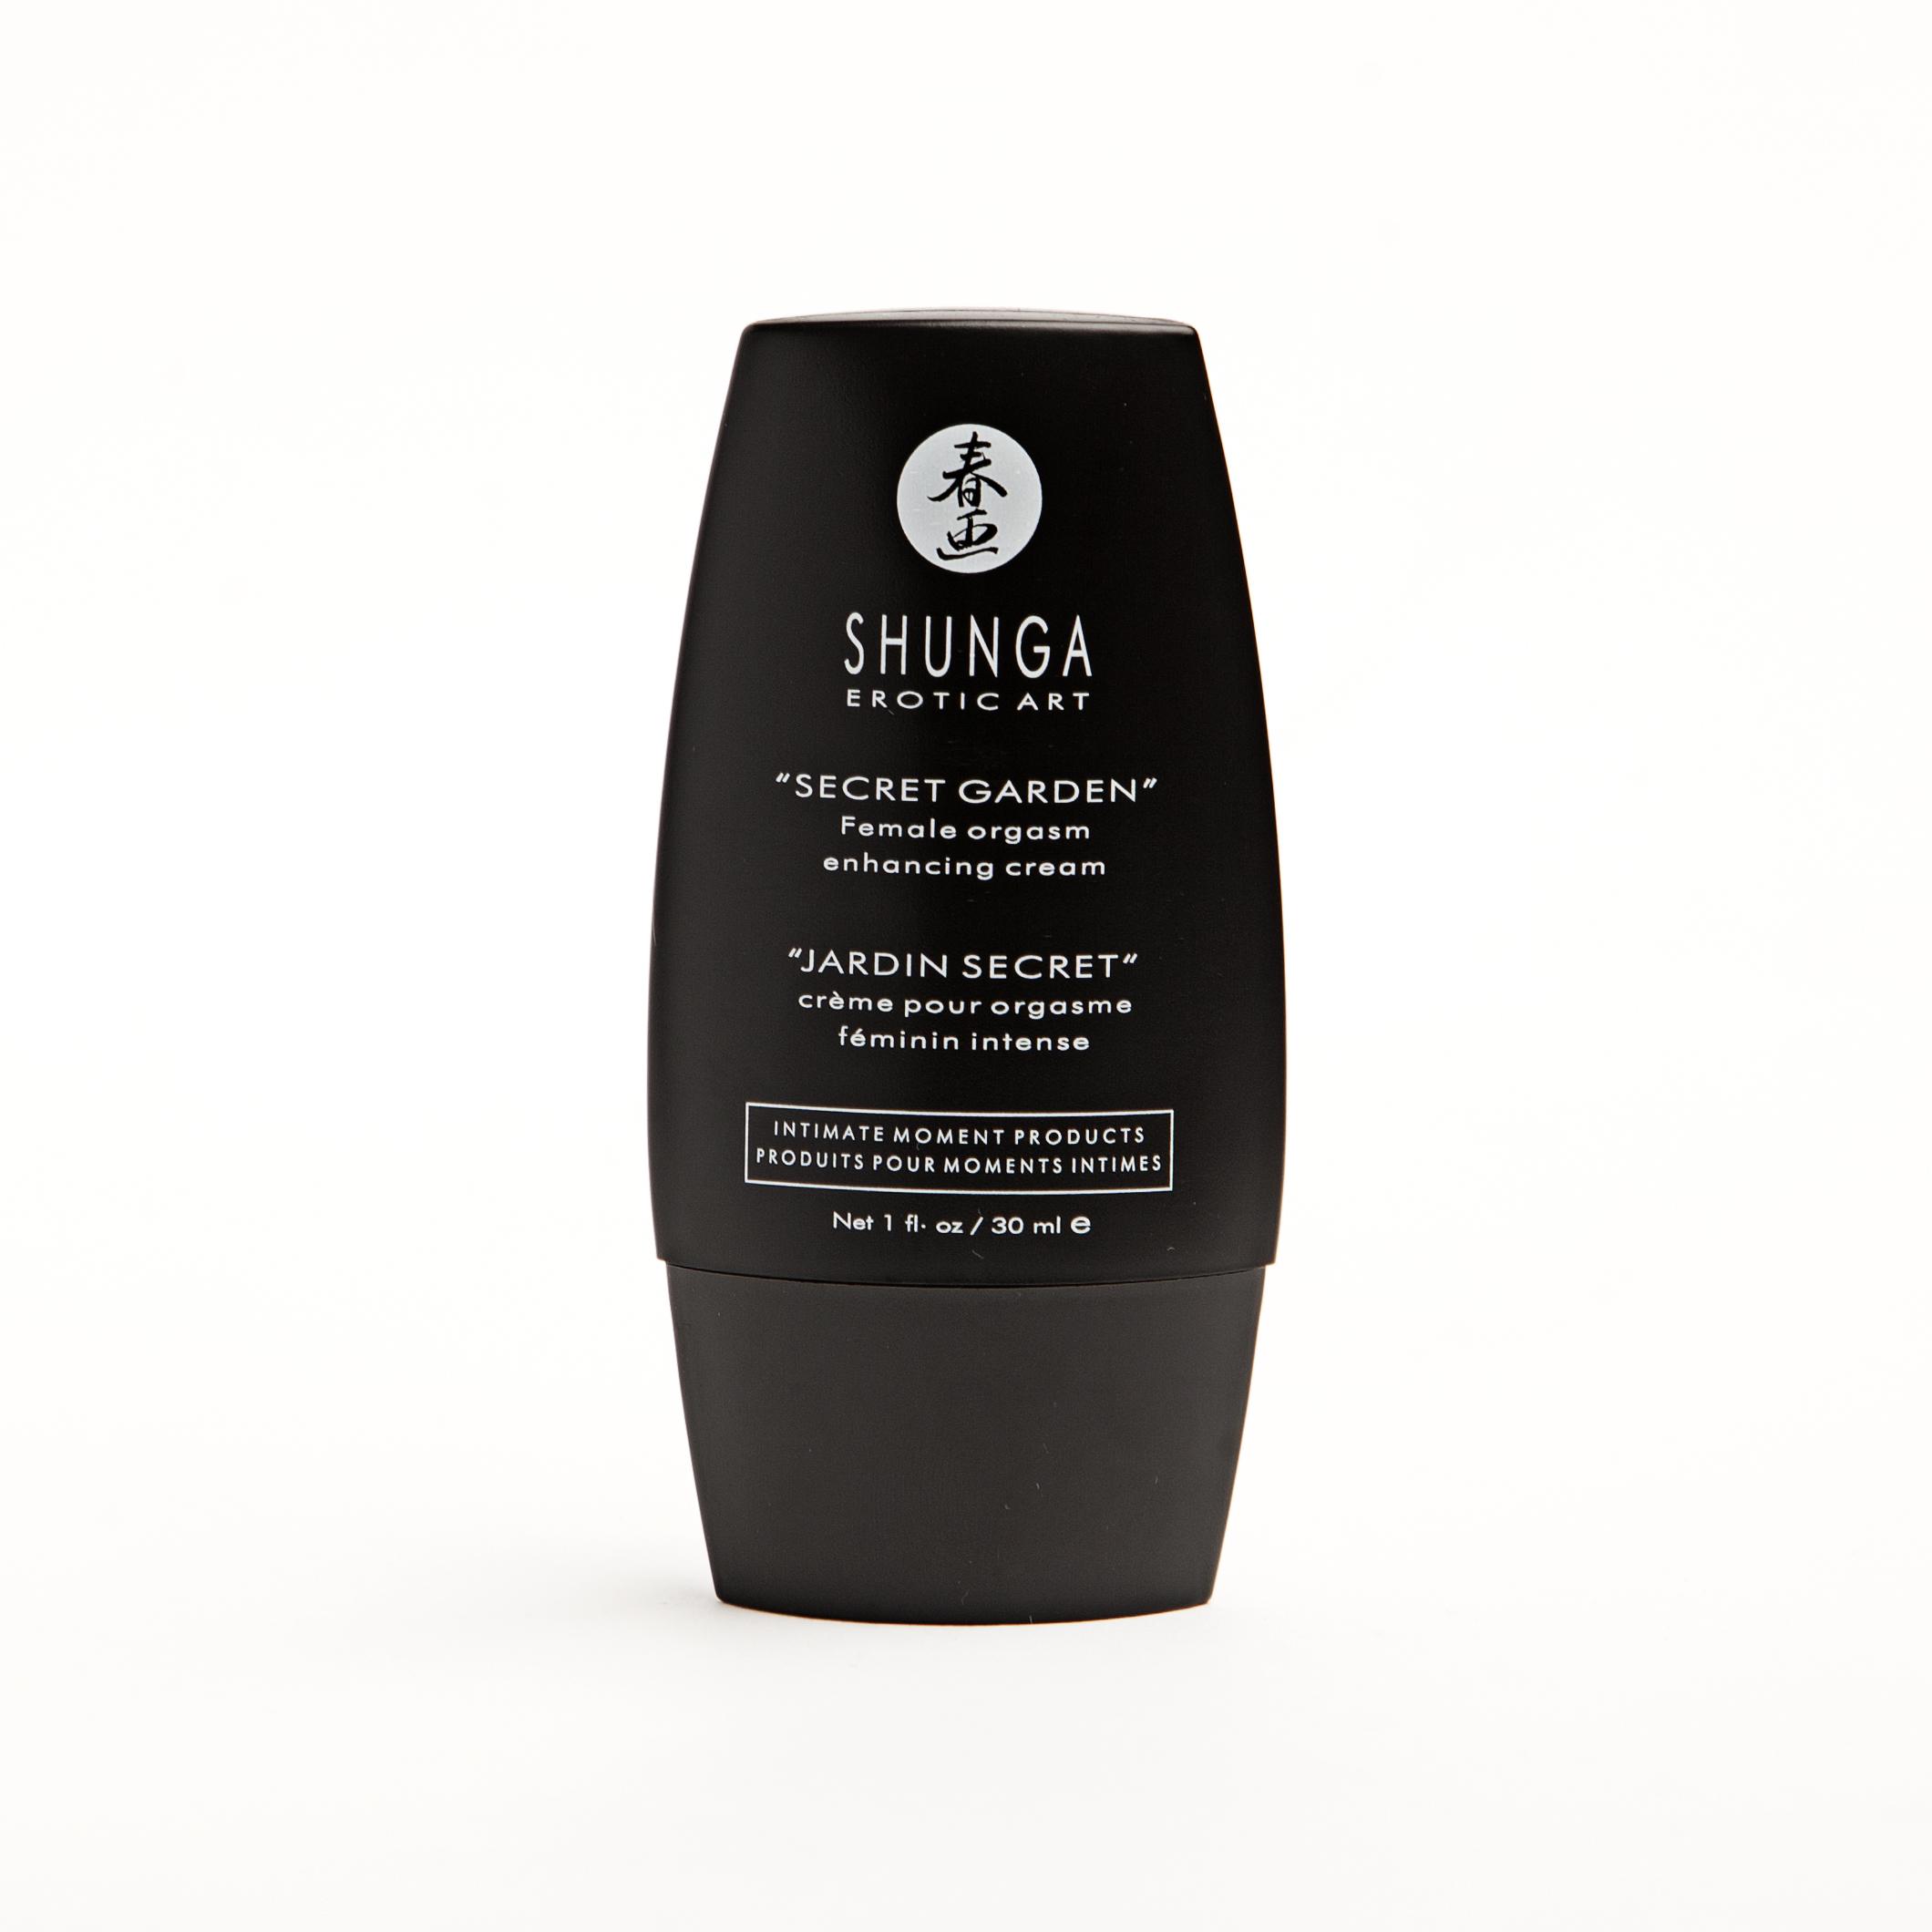 Gel estimulador jard n secreto de shunga desmontando a for Shunga jardin secreto